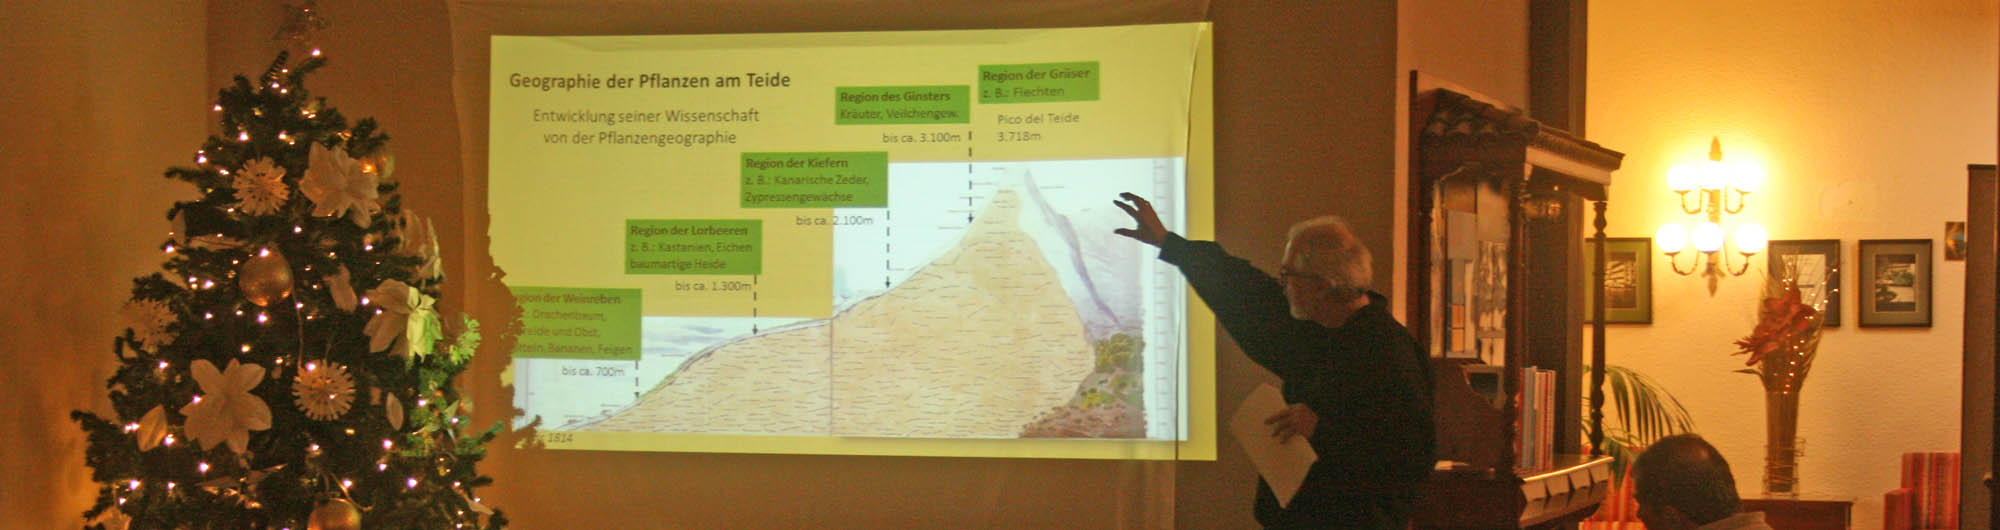 El camino de Humboldt al Teide: conferencia con Reinhold Mengel en el Hotel Marte, Puerto de la Cruz